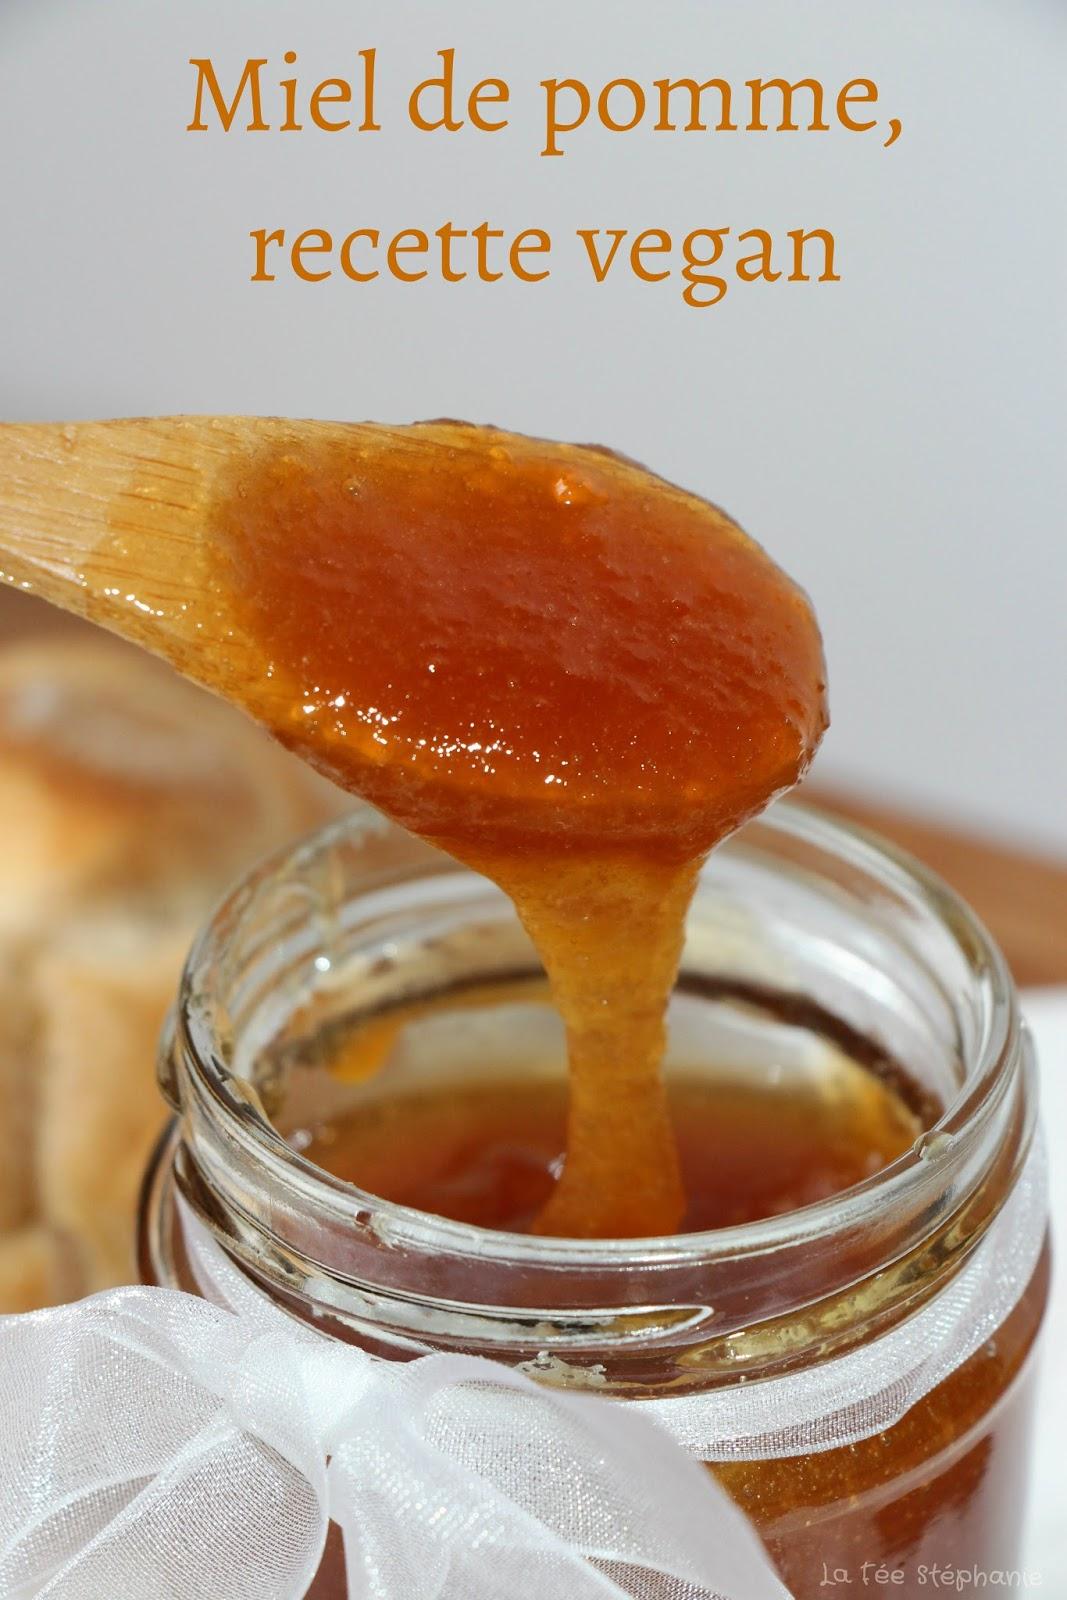 Miel de pomme une recette vegan d couvrir la f e - Comment faire du miel ...